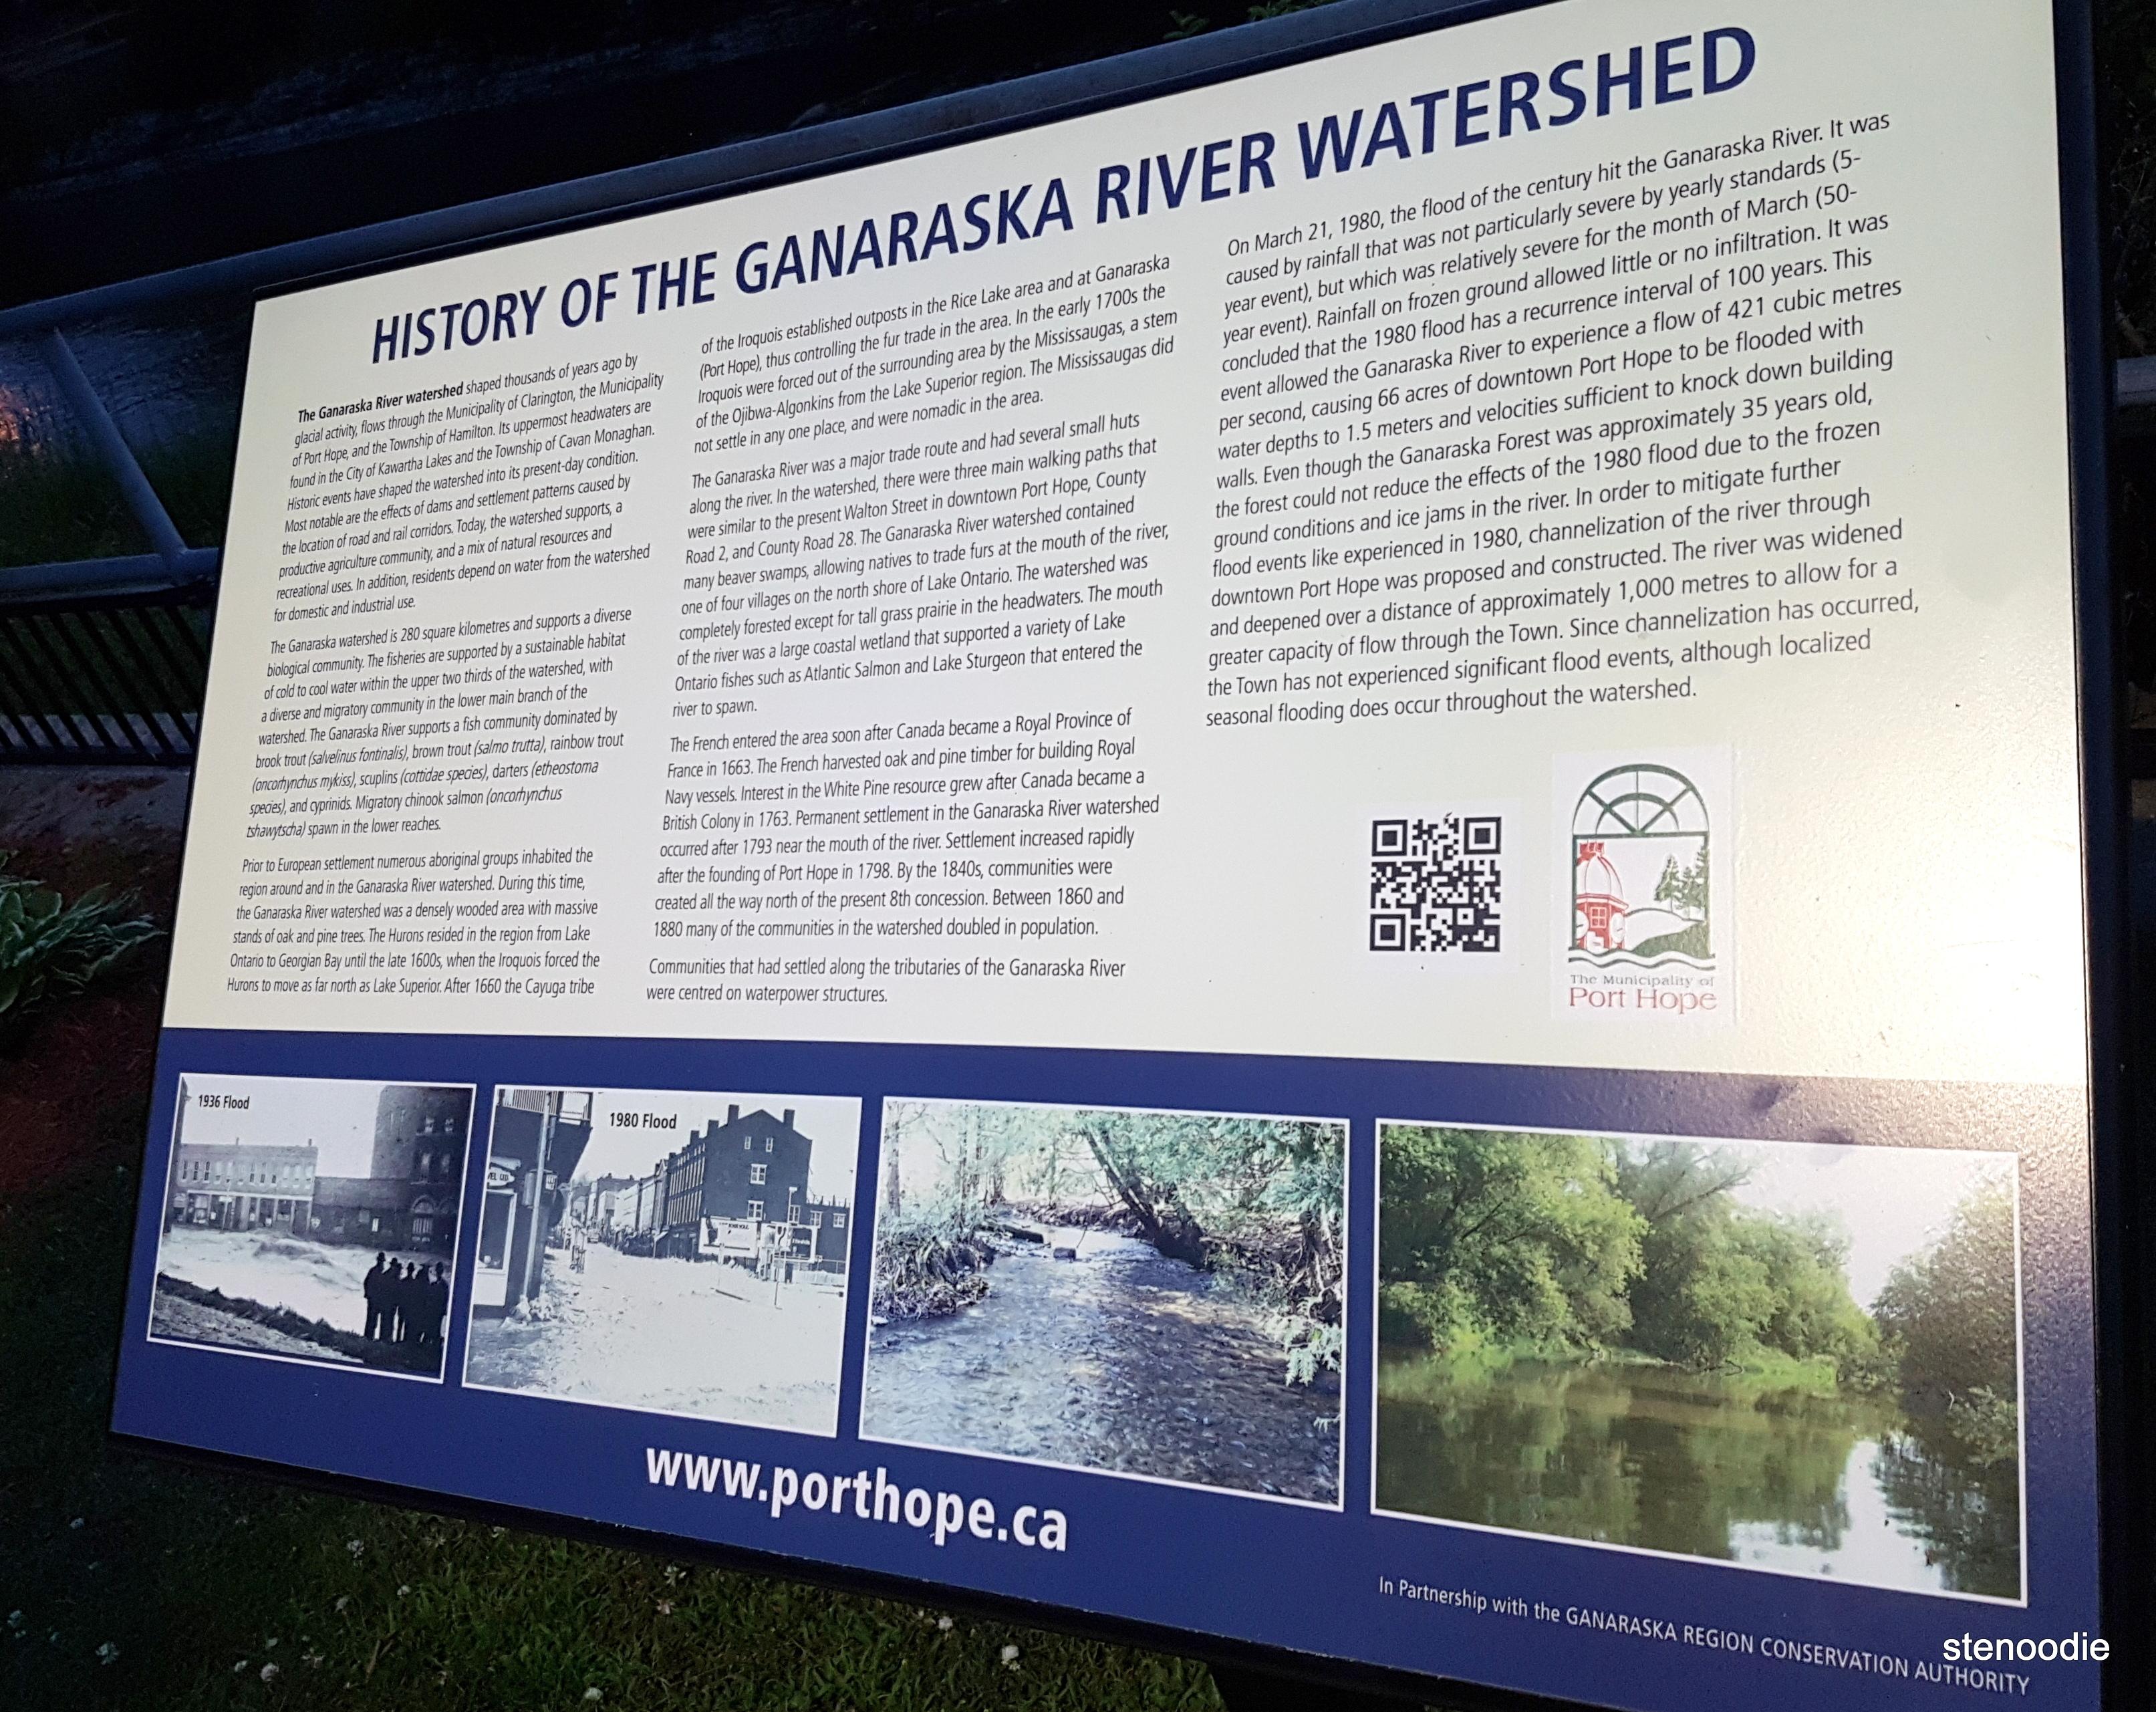 History of the Ganaraska River watershed